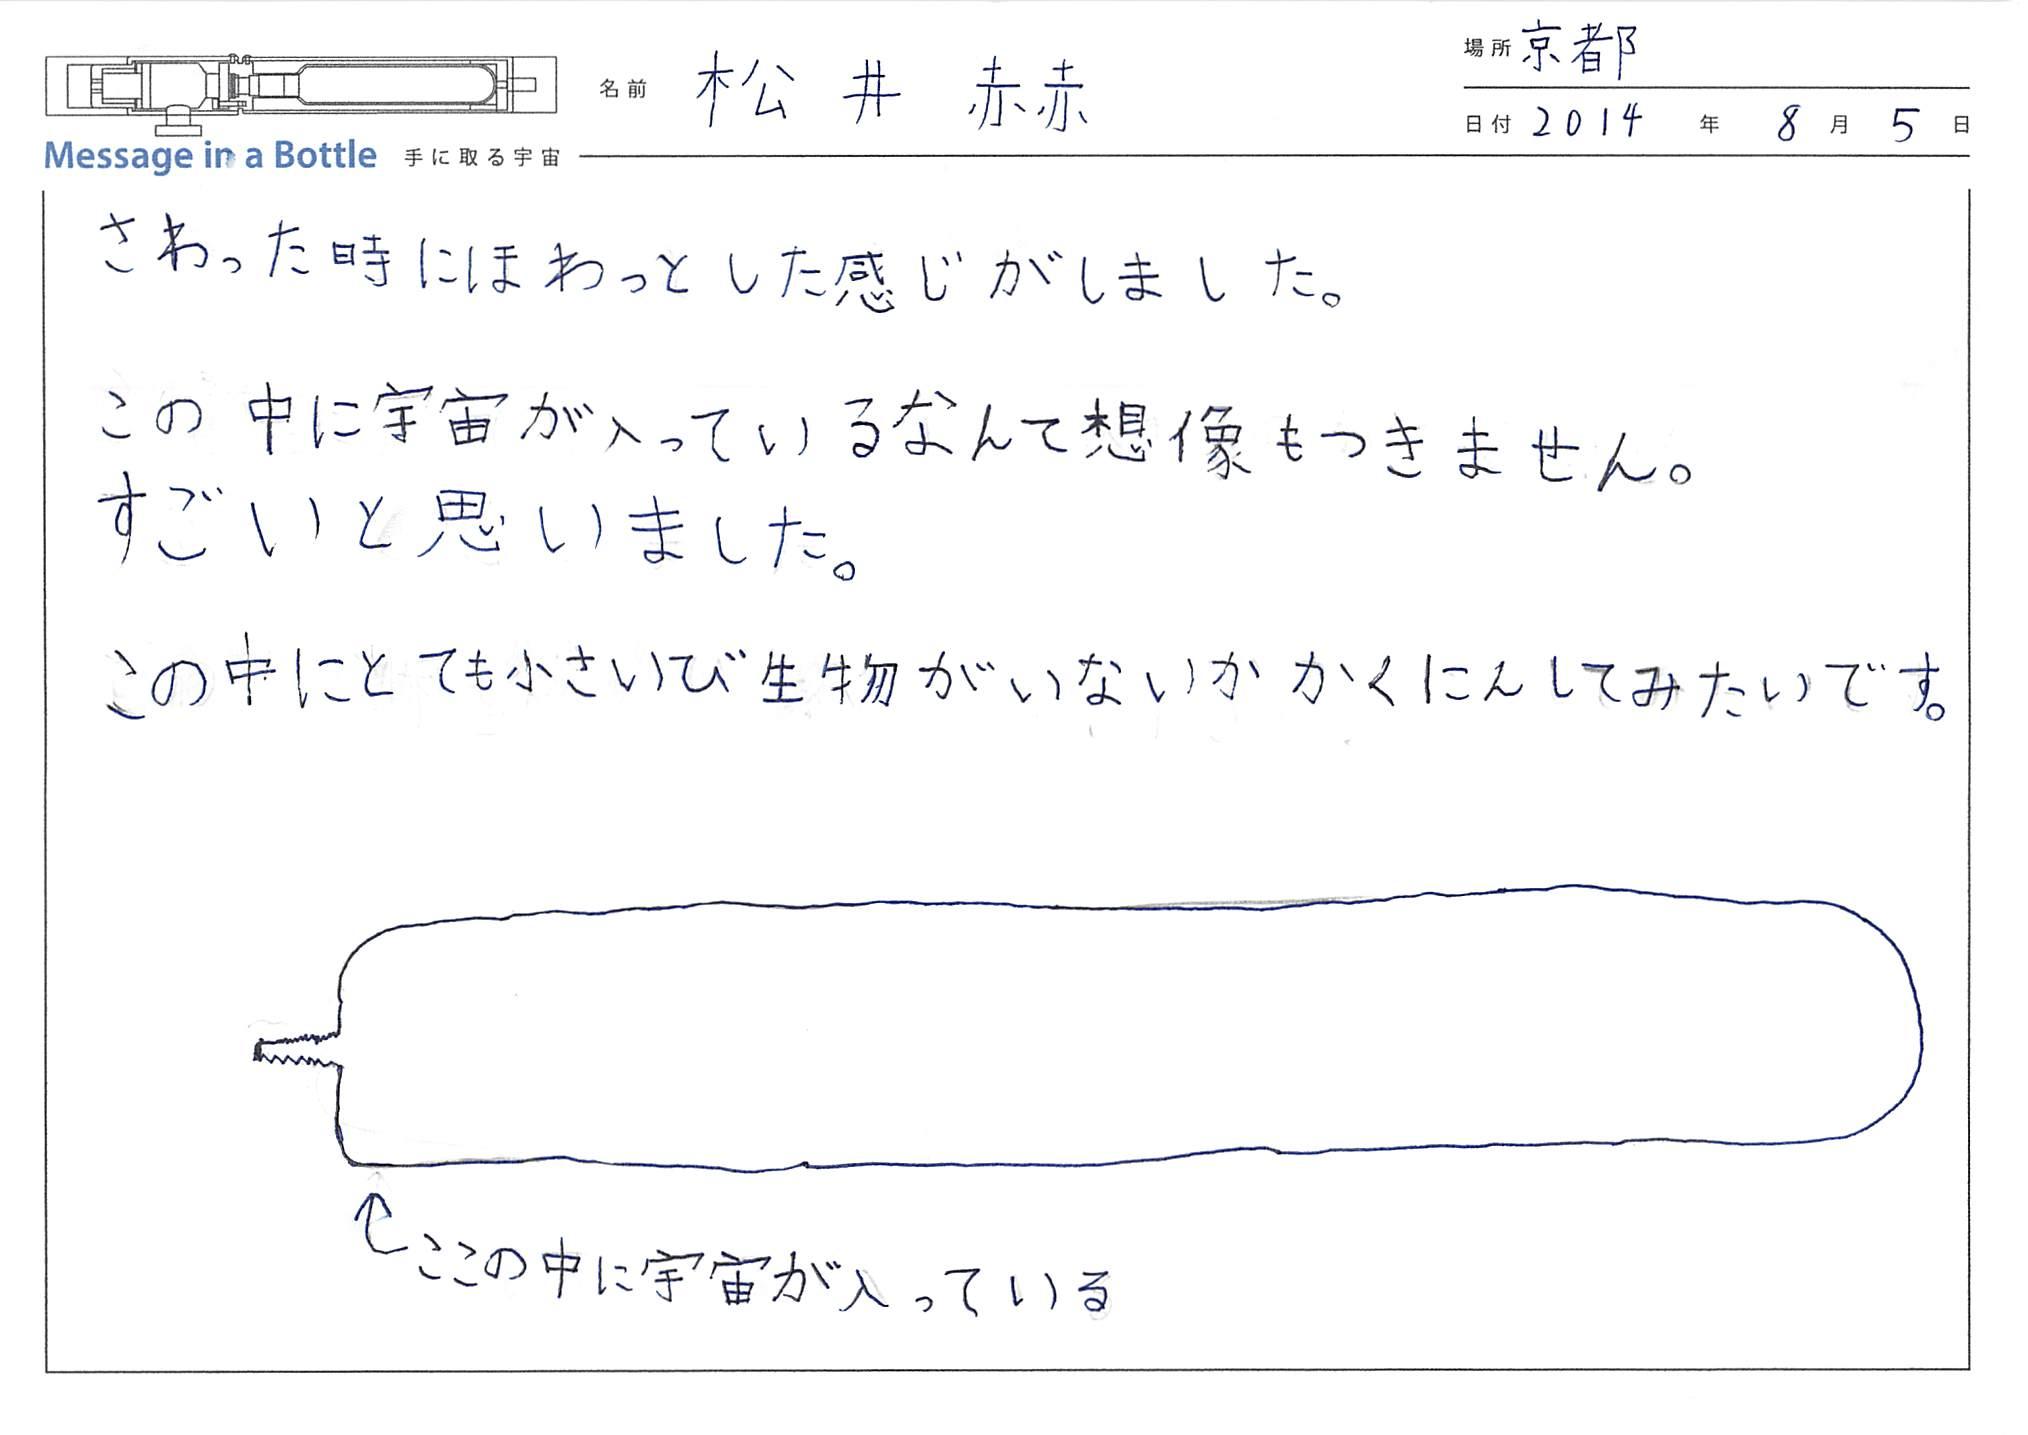 2014-08-09-20-08-30.jpg